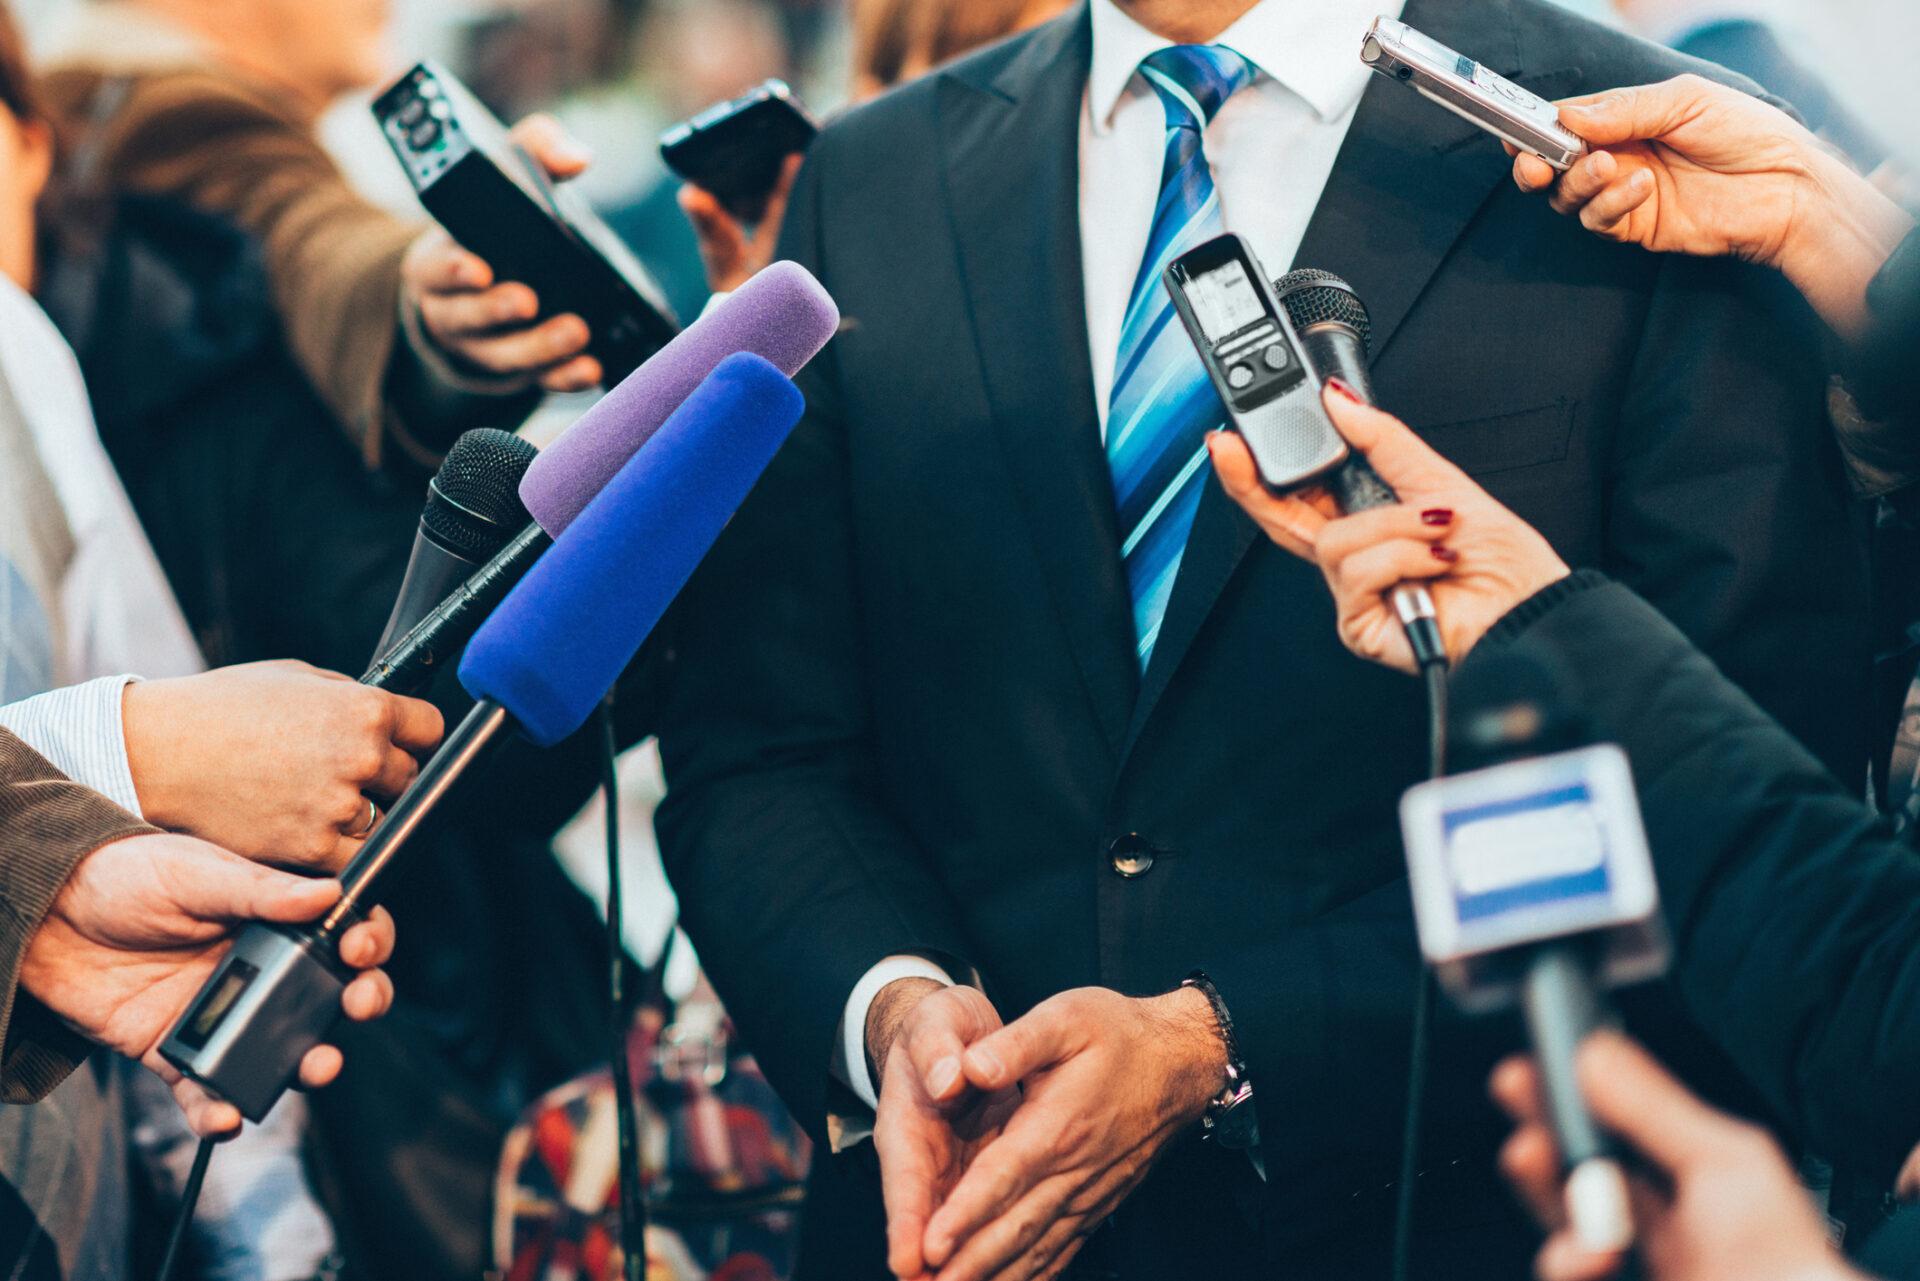 メディアと談話をしている政治家